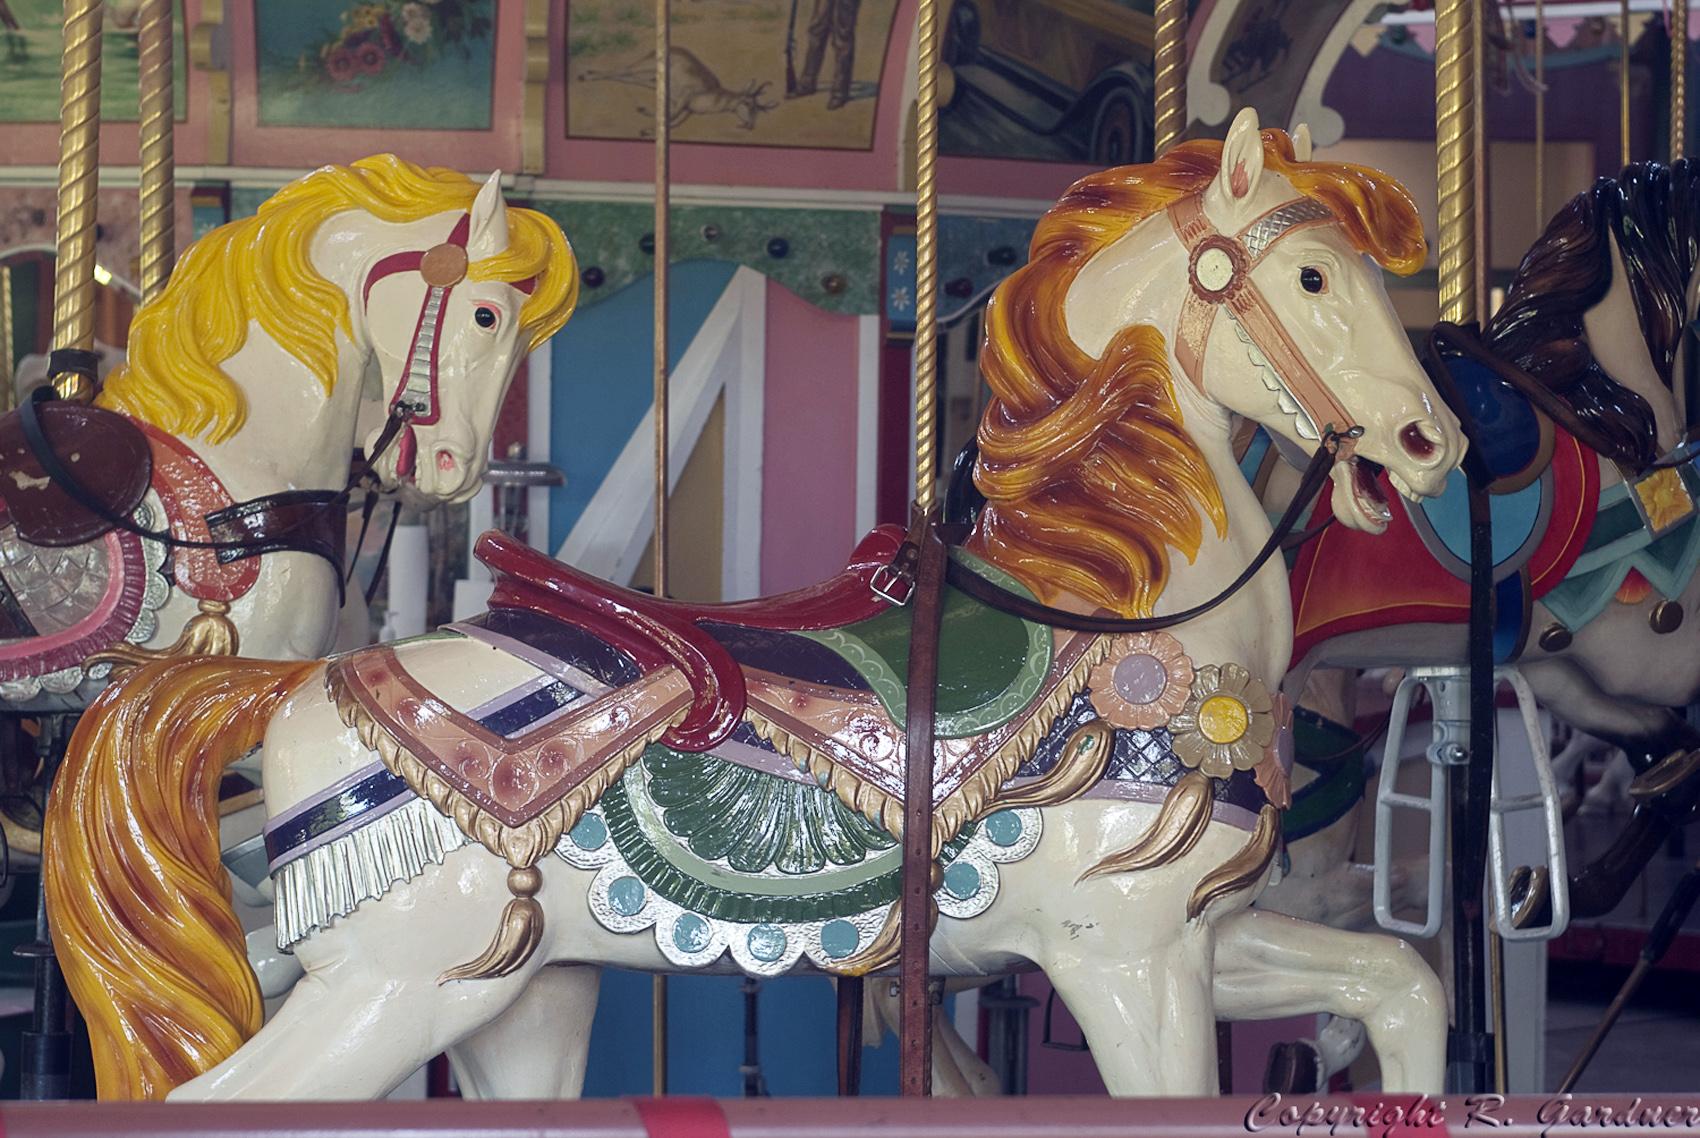 PTC-80-Holyoke-carousel-horse-Richard-Gardner-photo